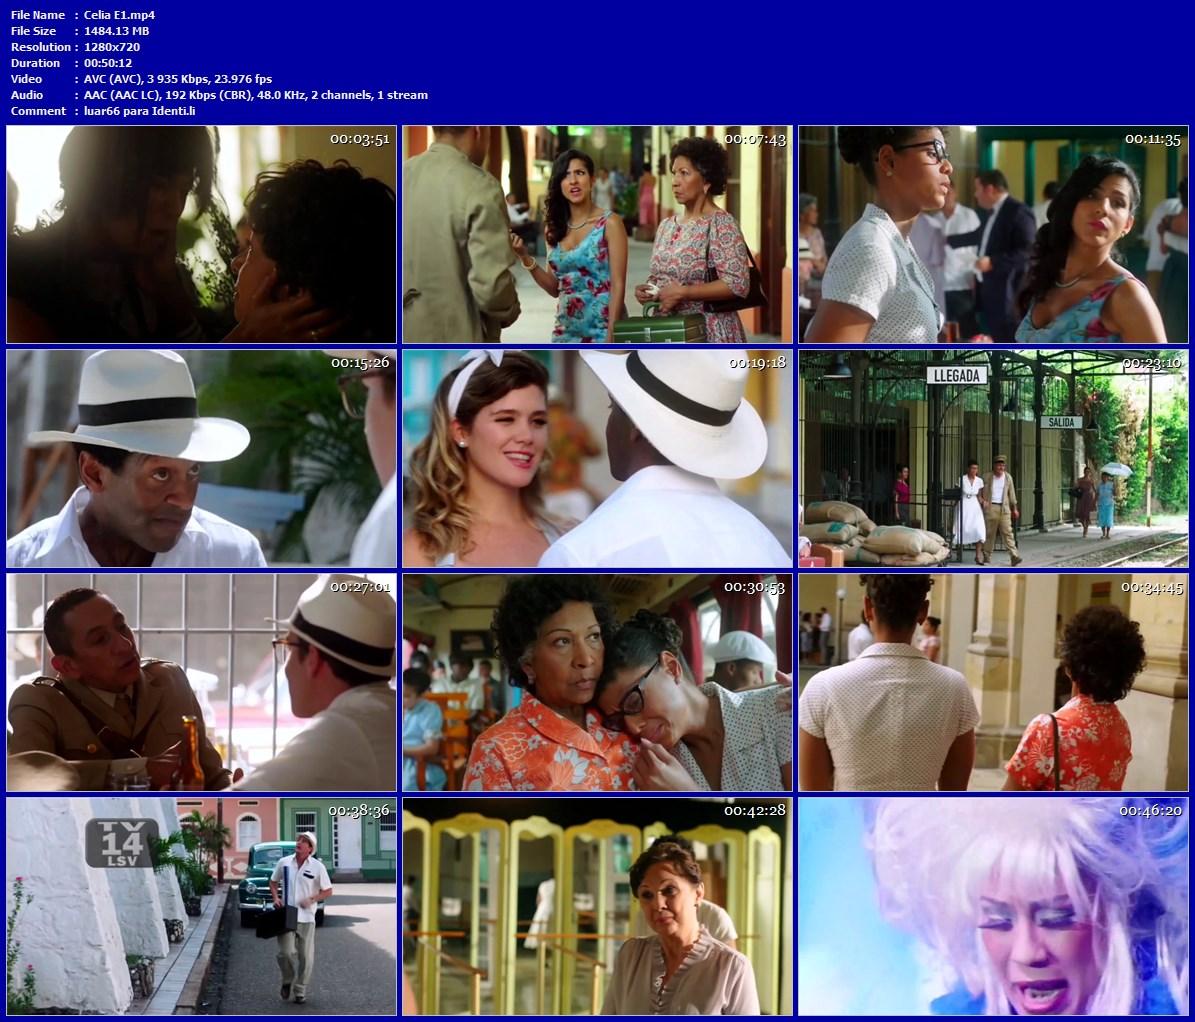 eyeshield 21 cap 49 latino dating